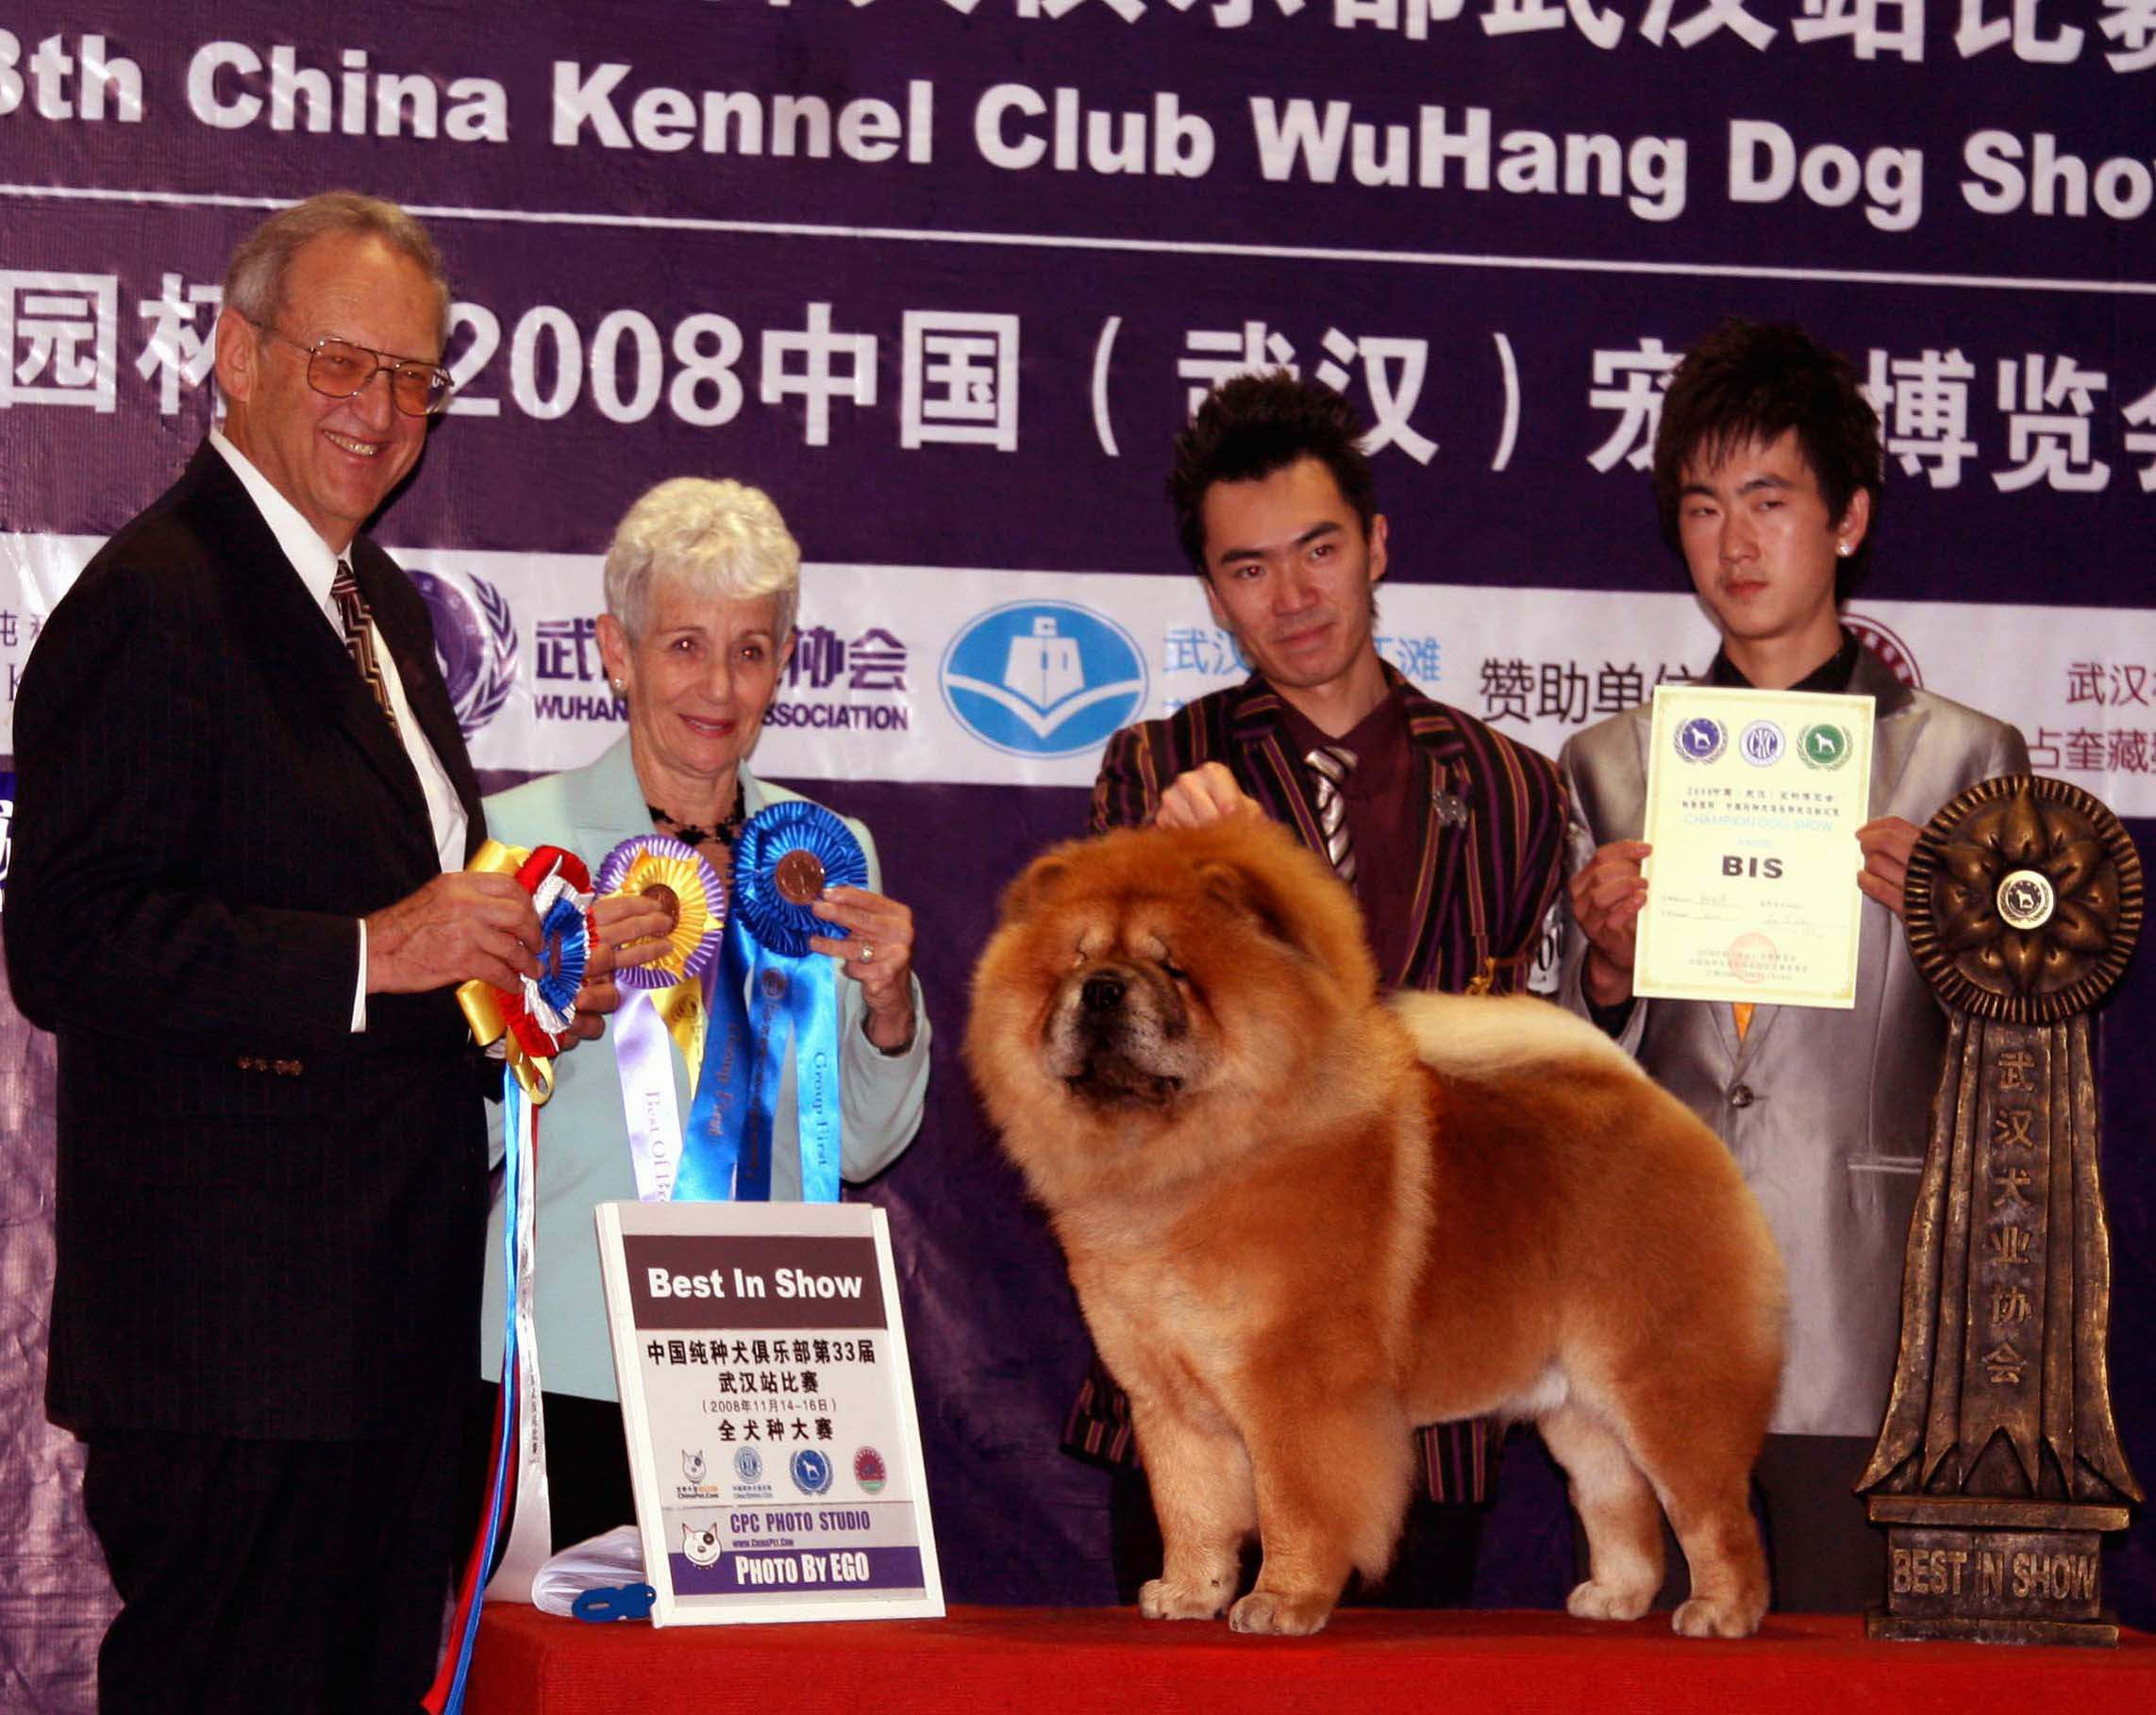 小现金获第33届CKC武汉站比赛全场总冠军图片